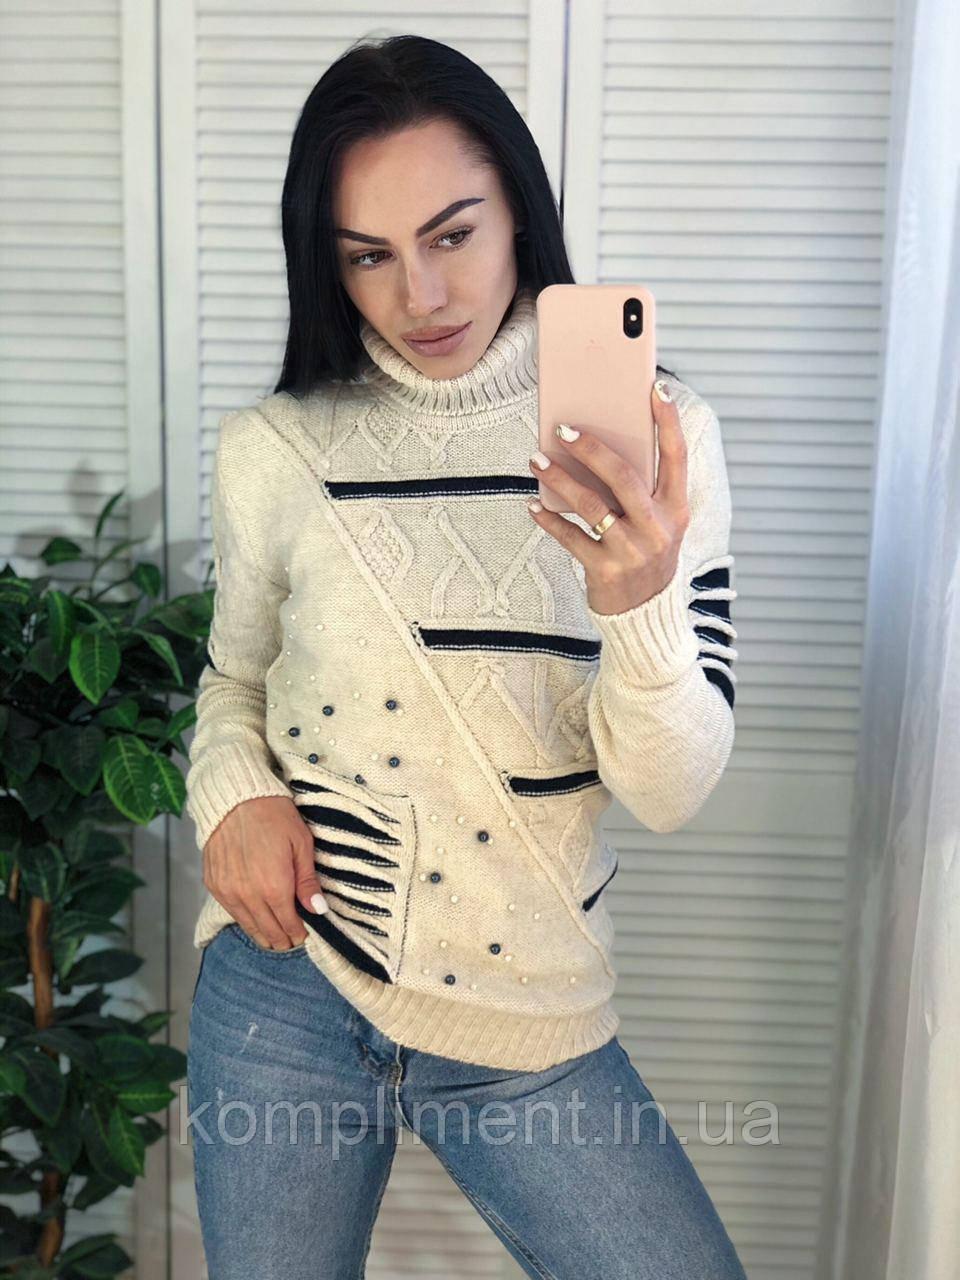 Модний светр жіночий вовняної з горлом, молоко. Виробництво Туреччина.NВ 7029